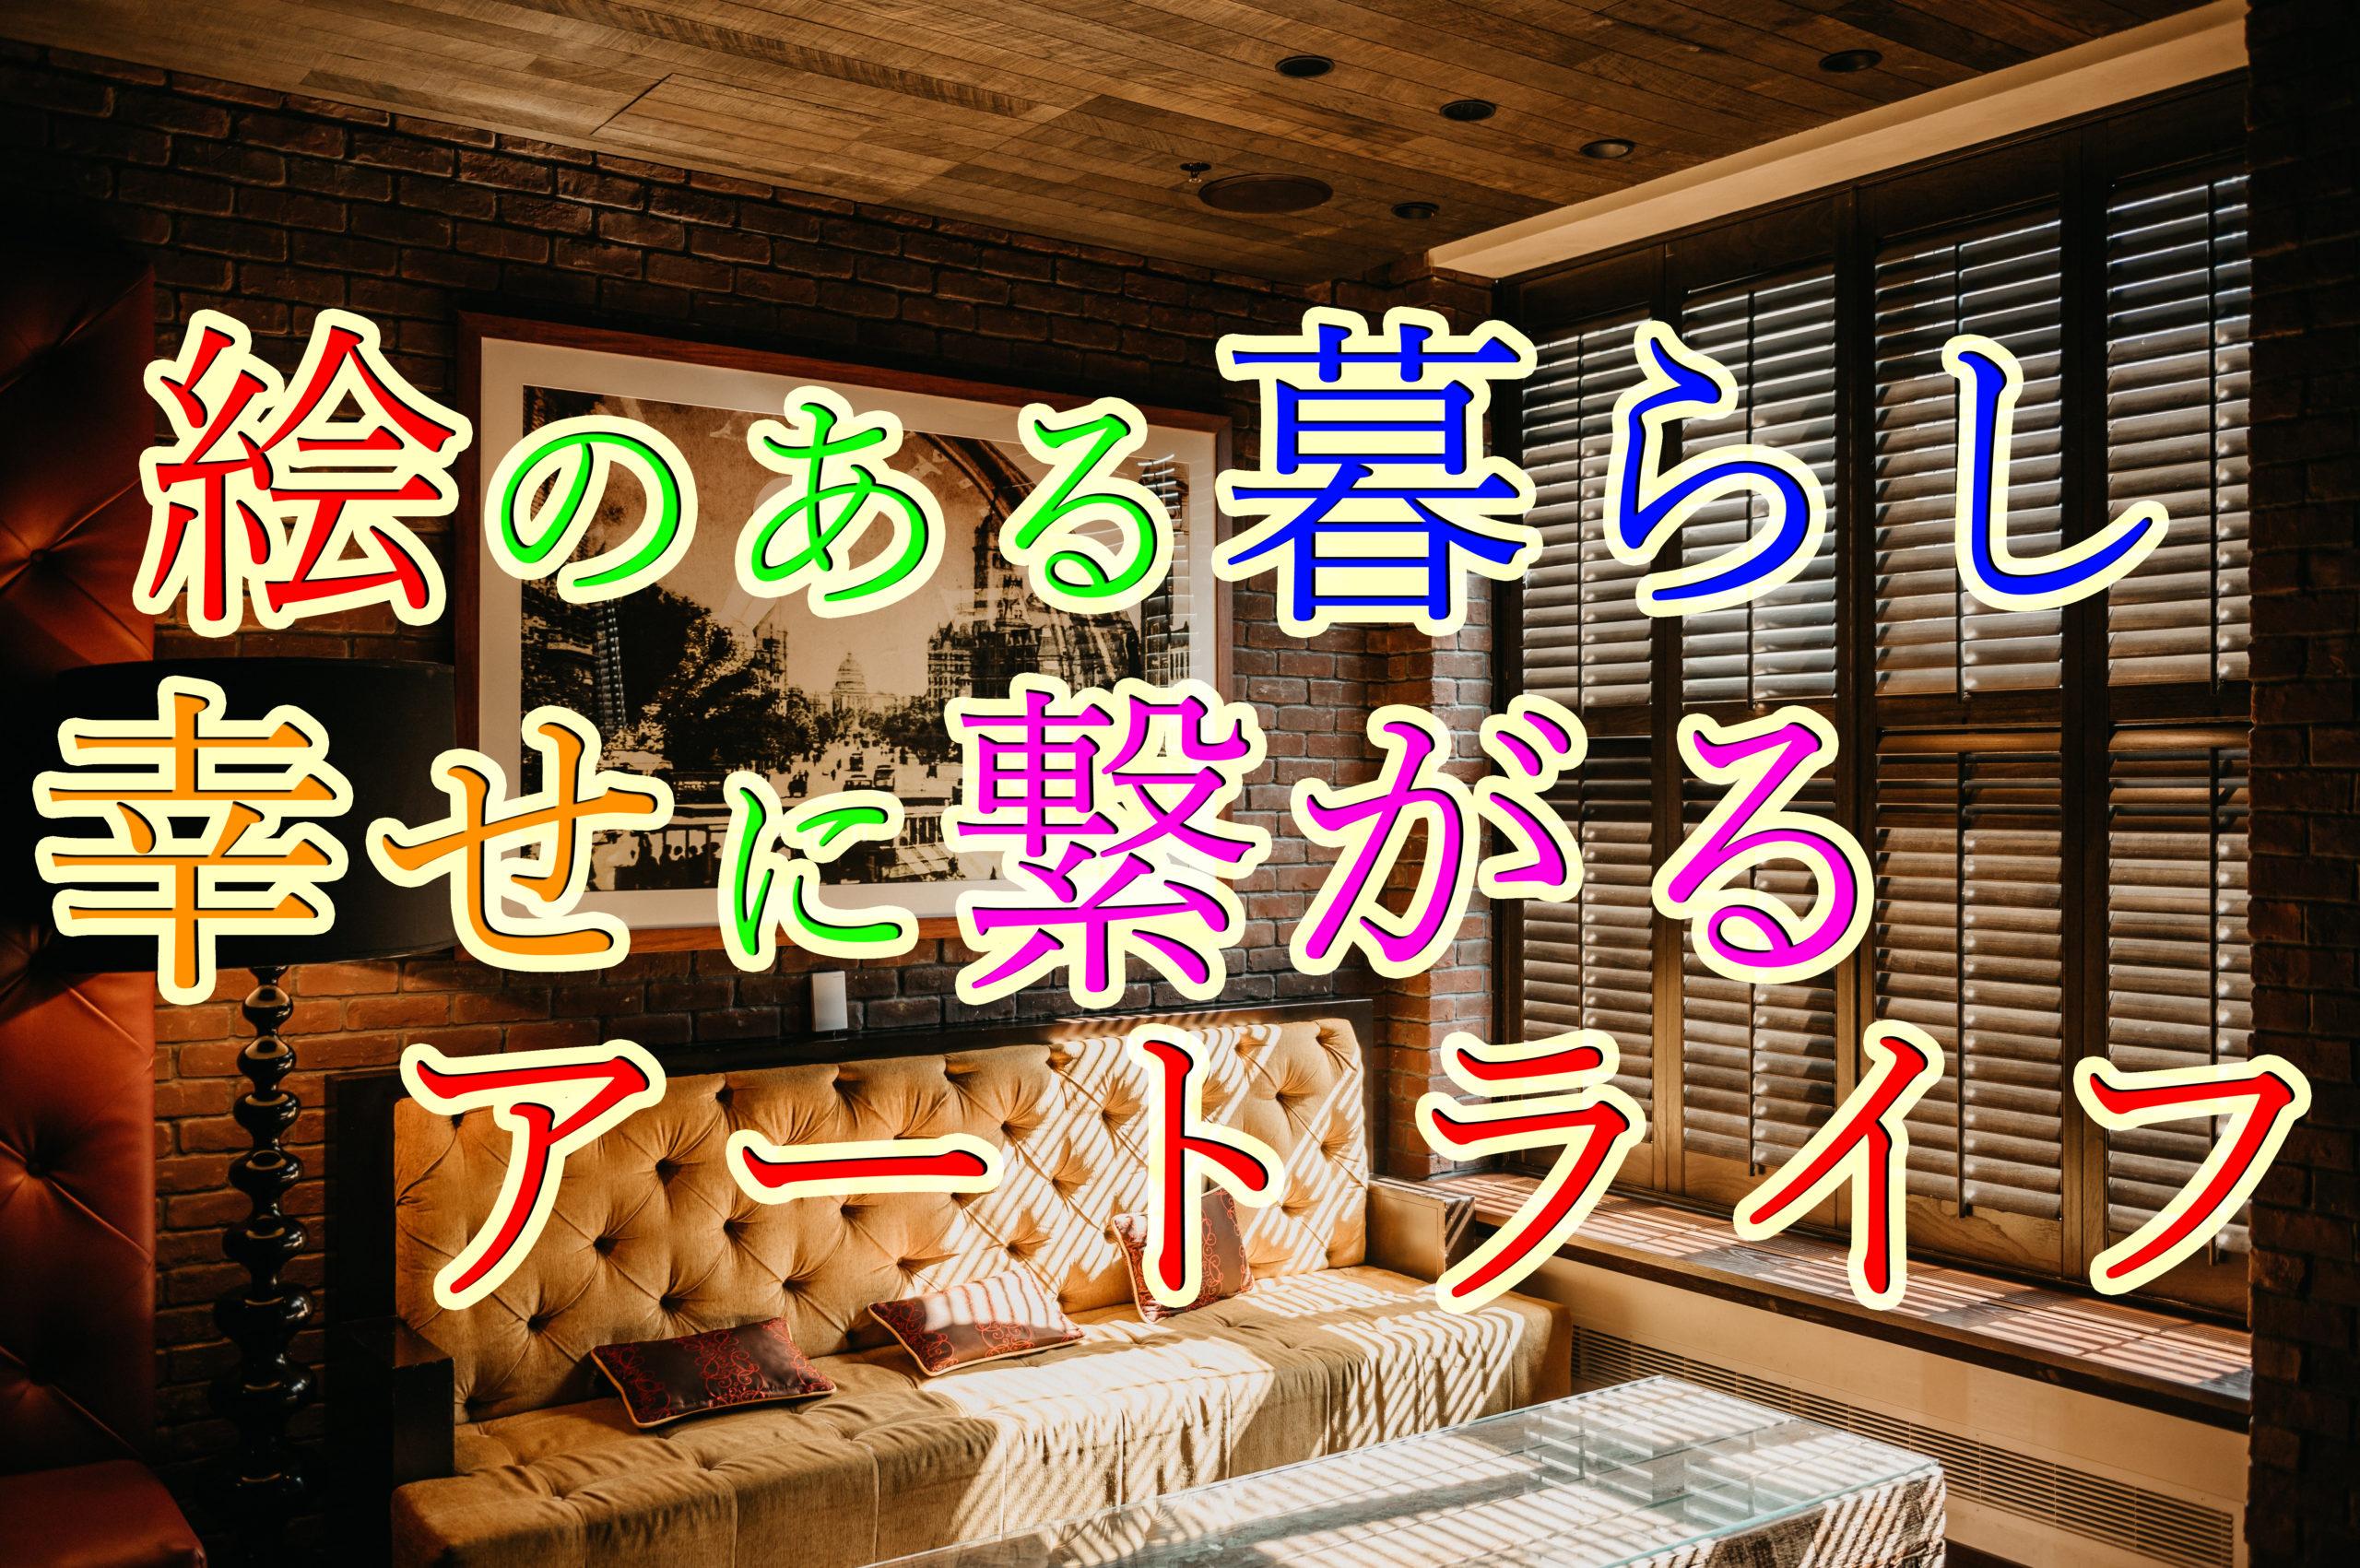 幸せに繋がるアートライフ【絵のある暮らし7つの魅力】